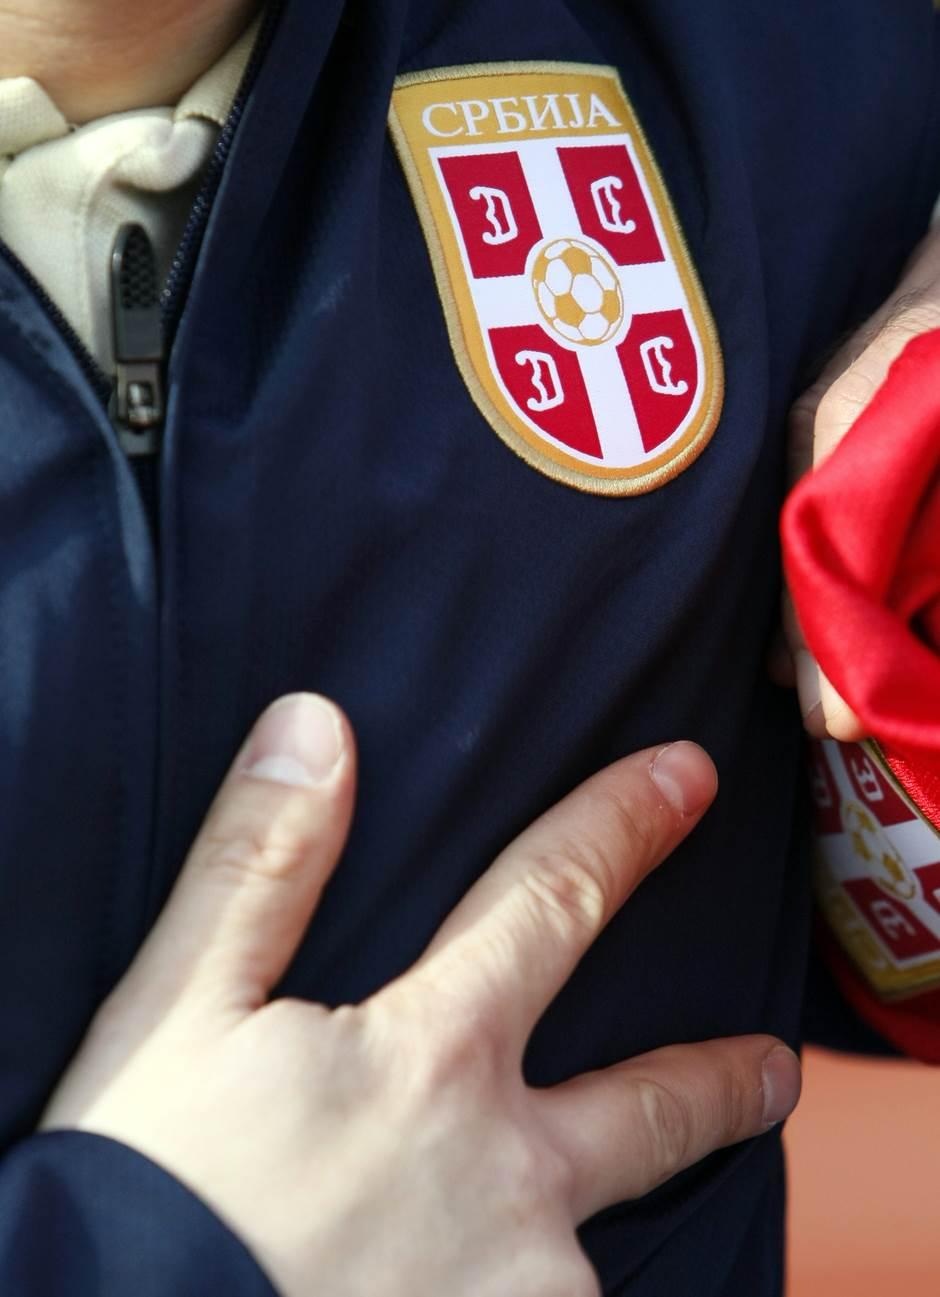 fss trenerka tri prsta orlovi reprezentacija srbija fudbal fudbaleri pokrivalica ilustracija